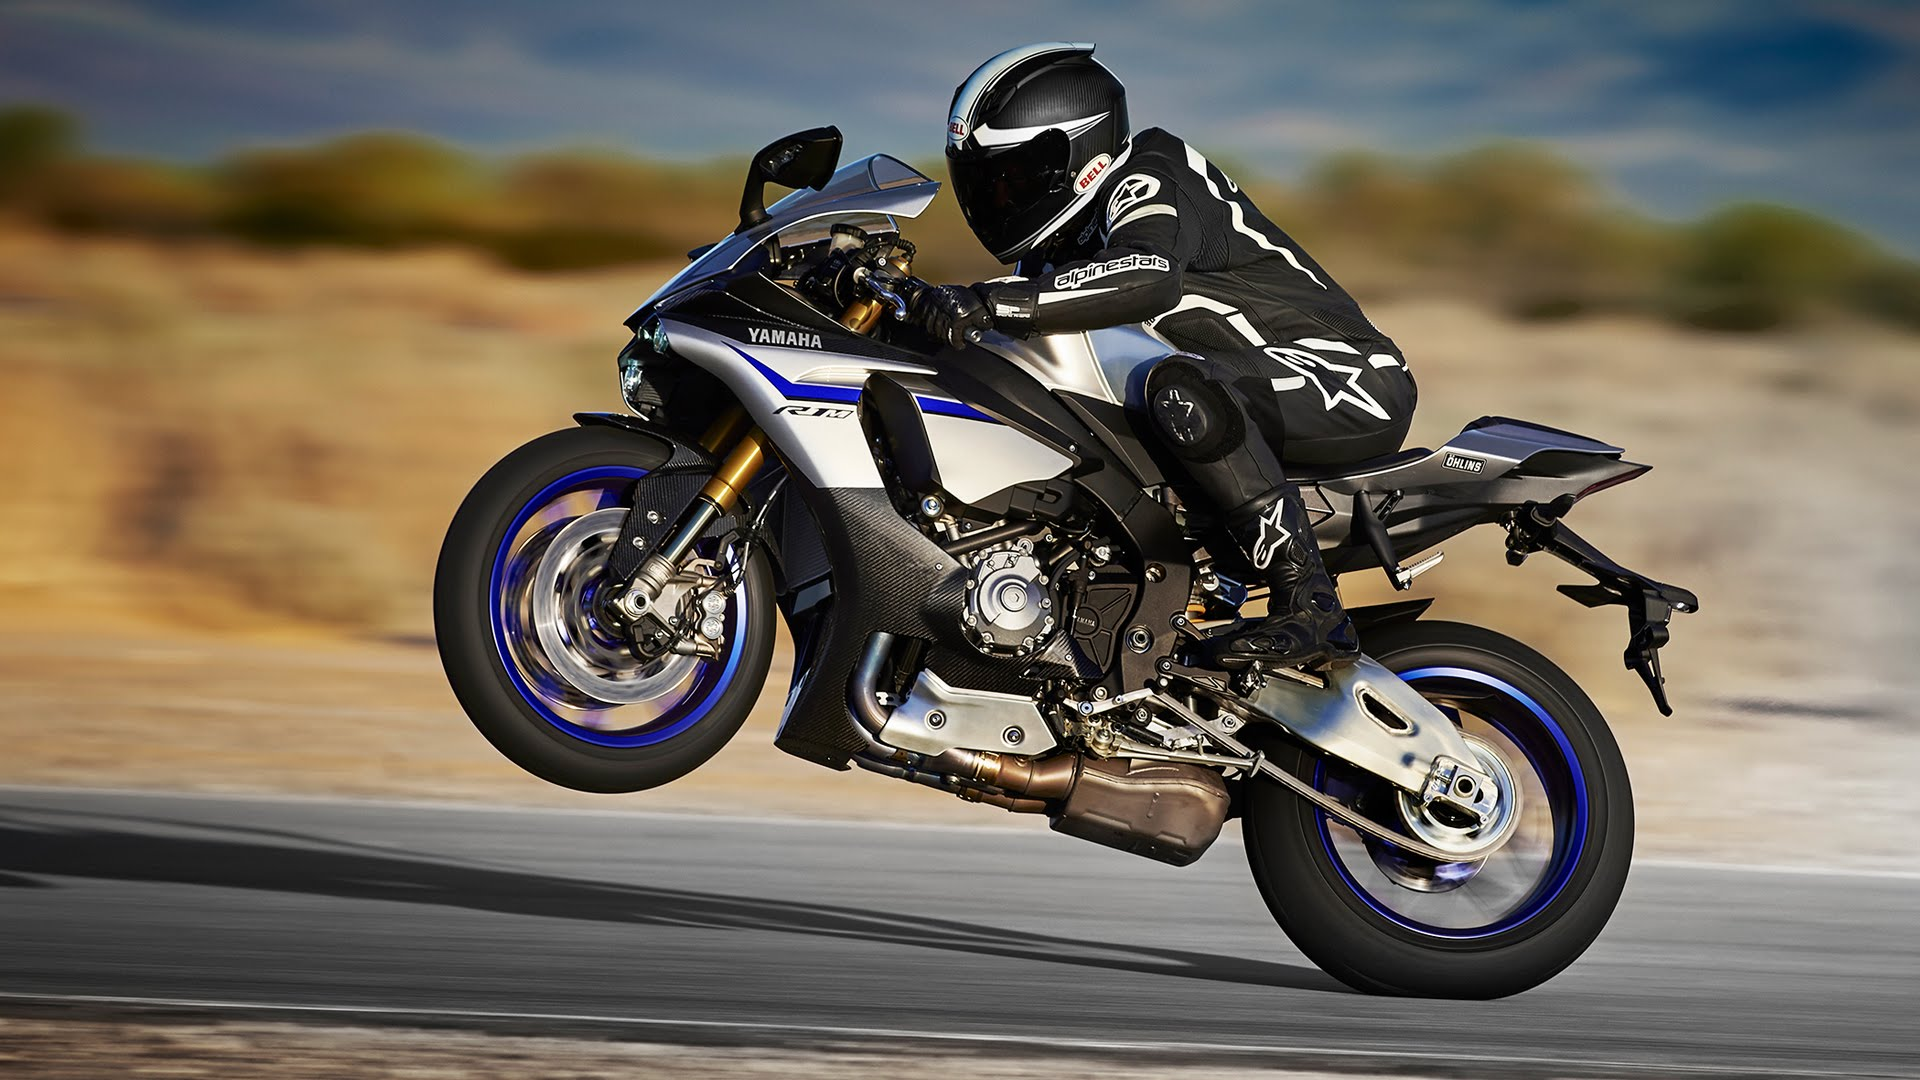 Gir Di Gearbox Berpotensi Patah, Yamaha Recall YZF-R1 Dan